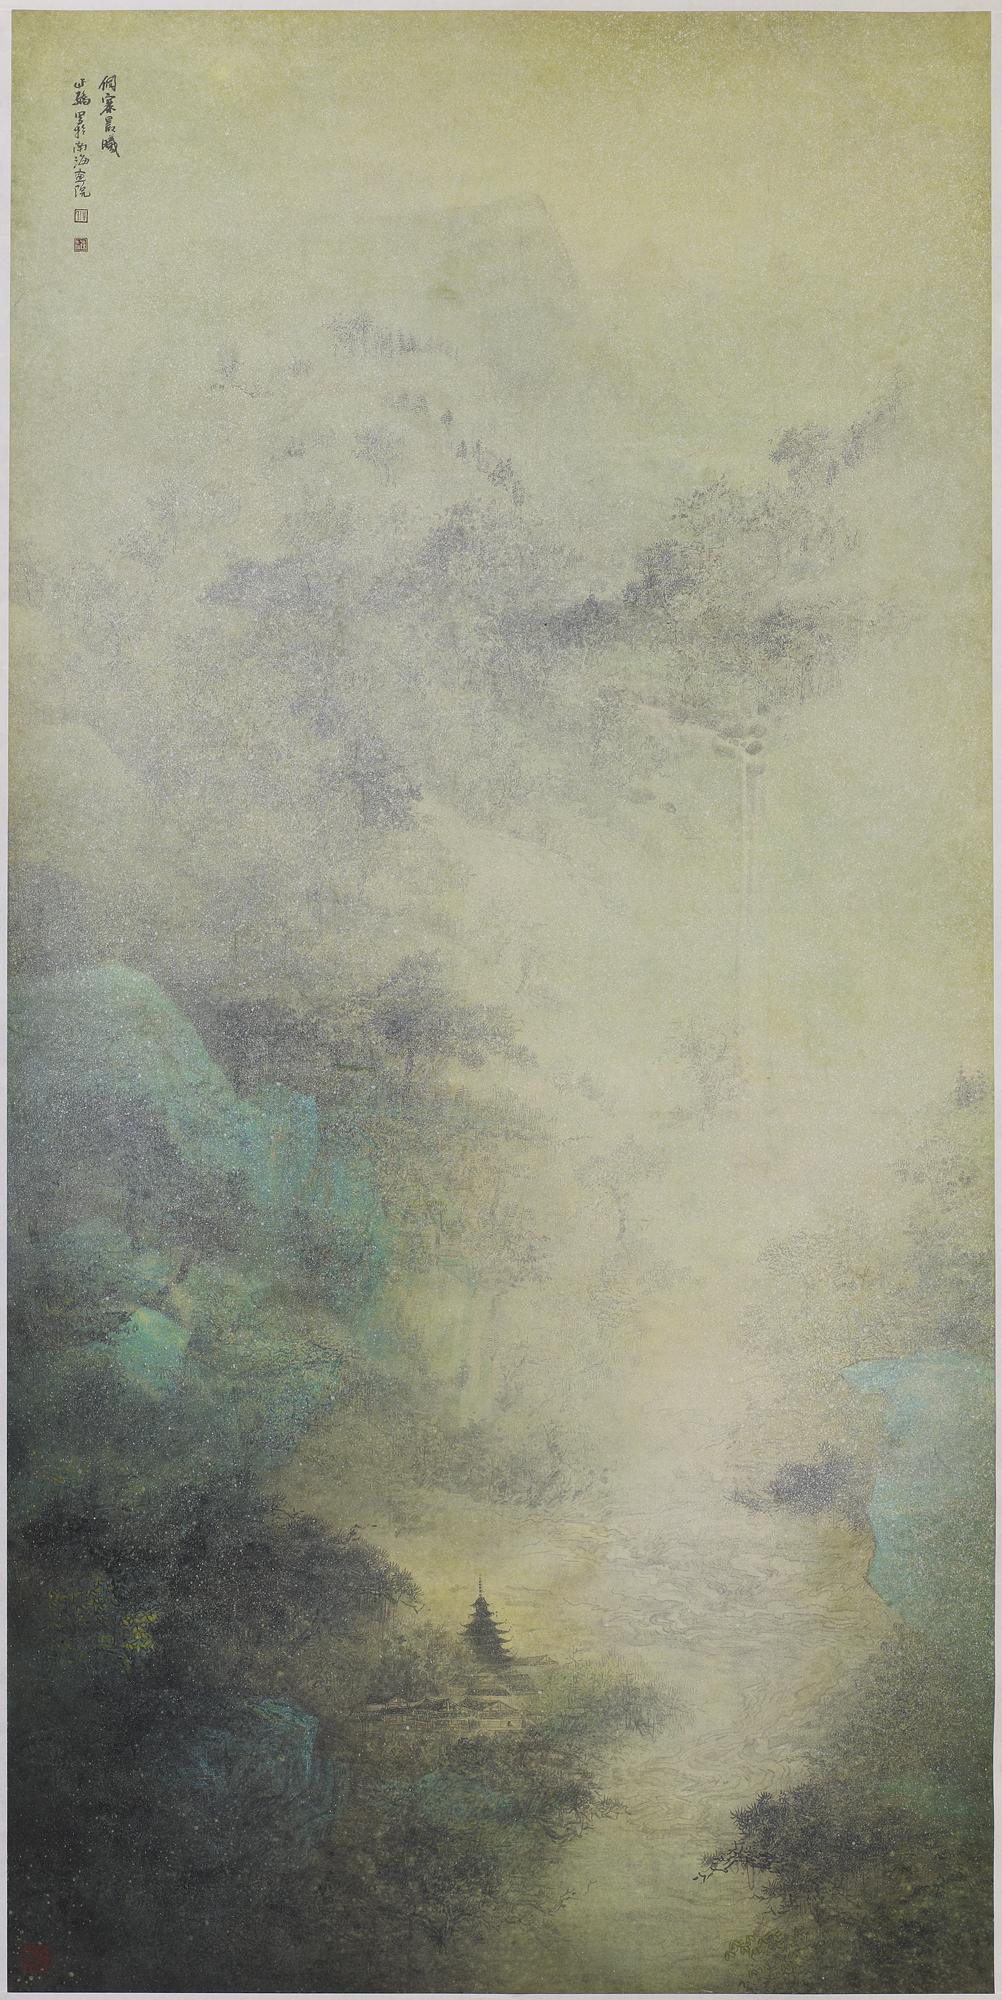 侗寨晨曦(225cm×110cm).jpg